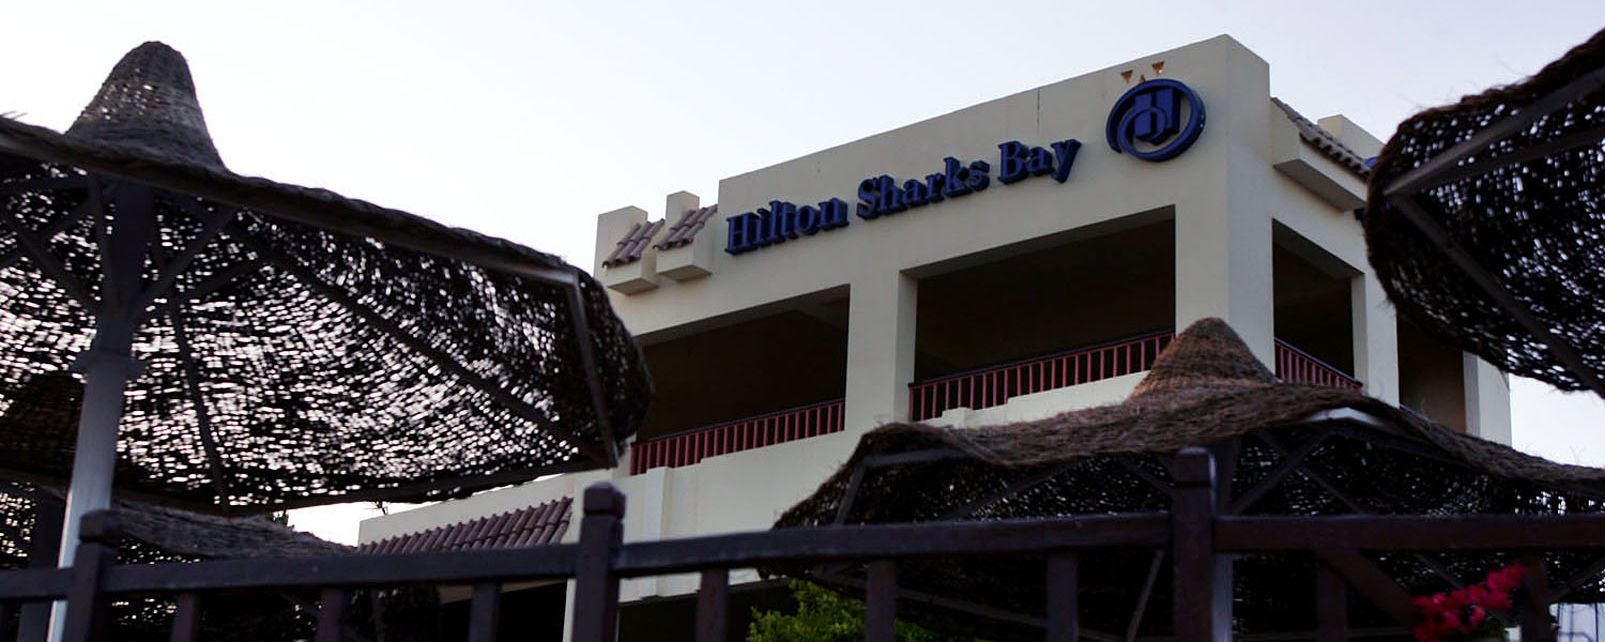 Hotel Hilton Shark's Bay